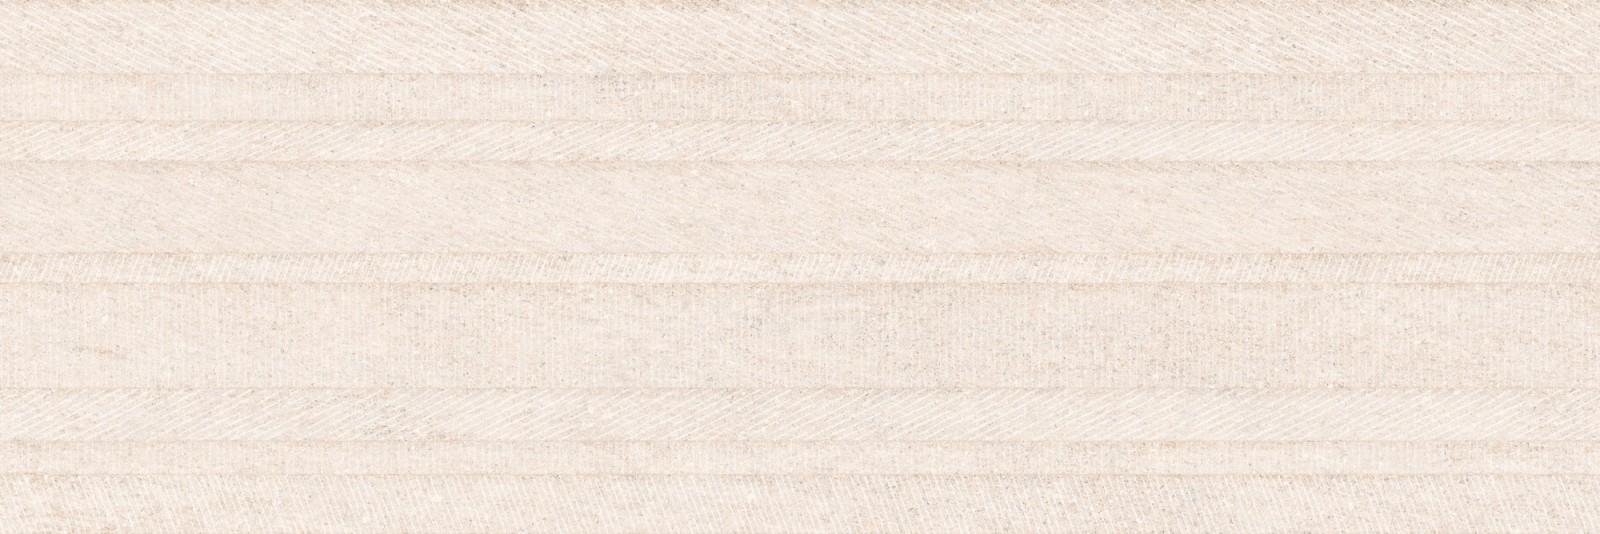 Керамическая Плитка Peronda Erta beige decor/25x75